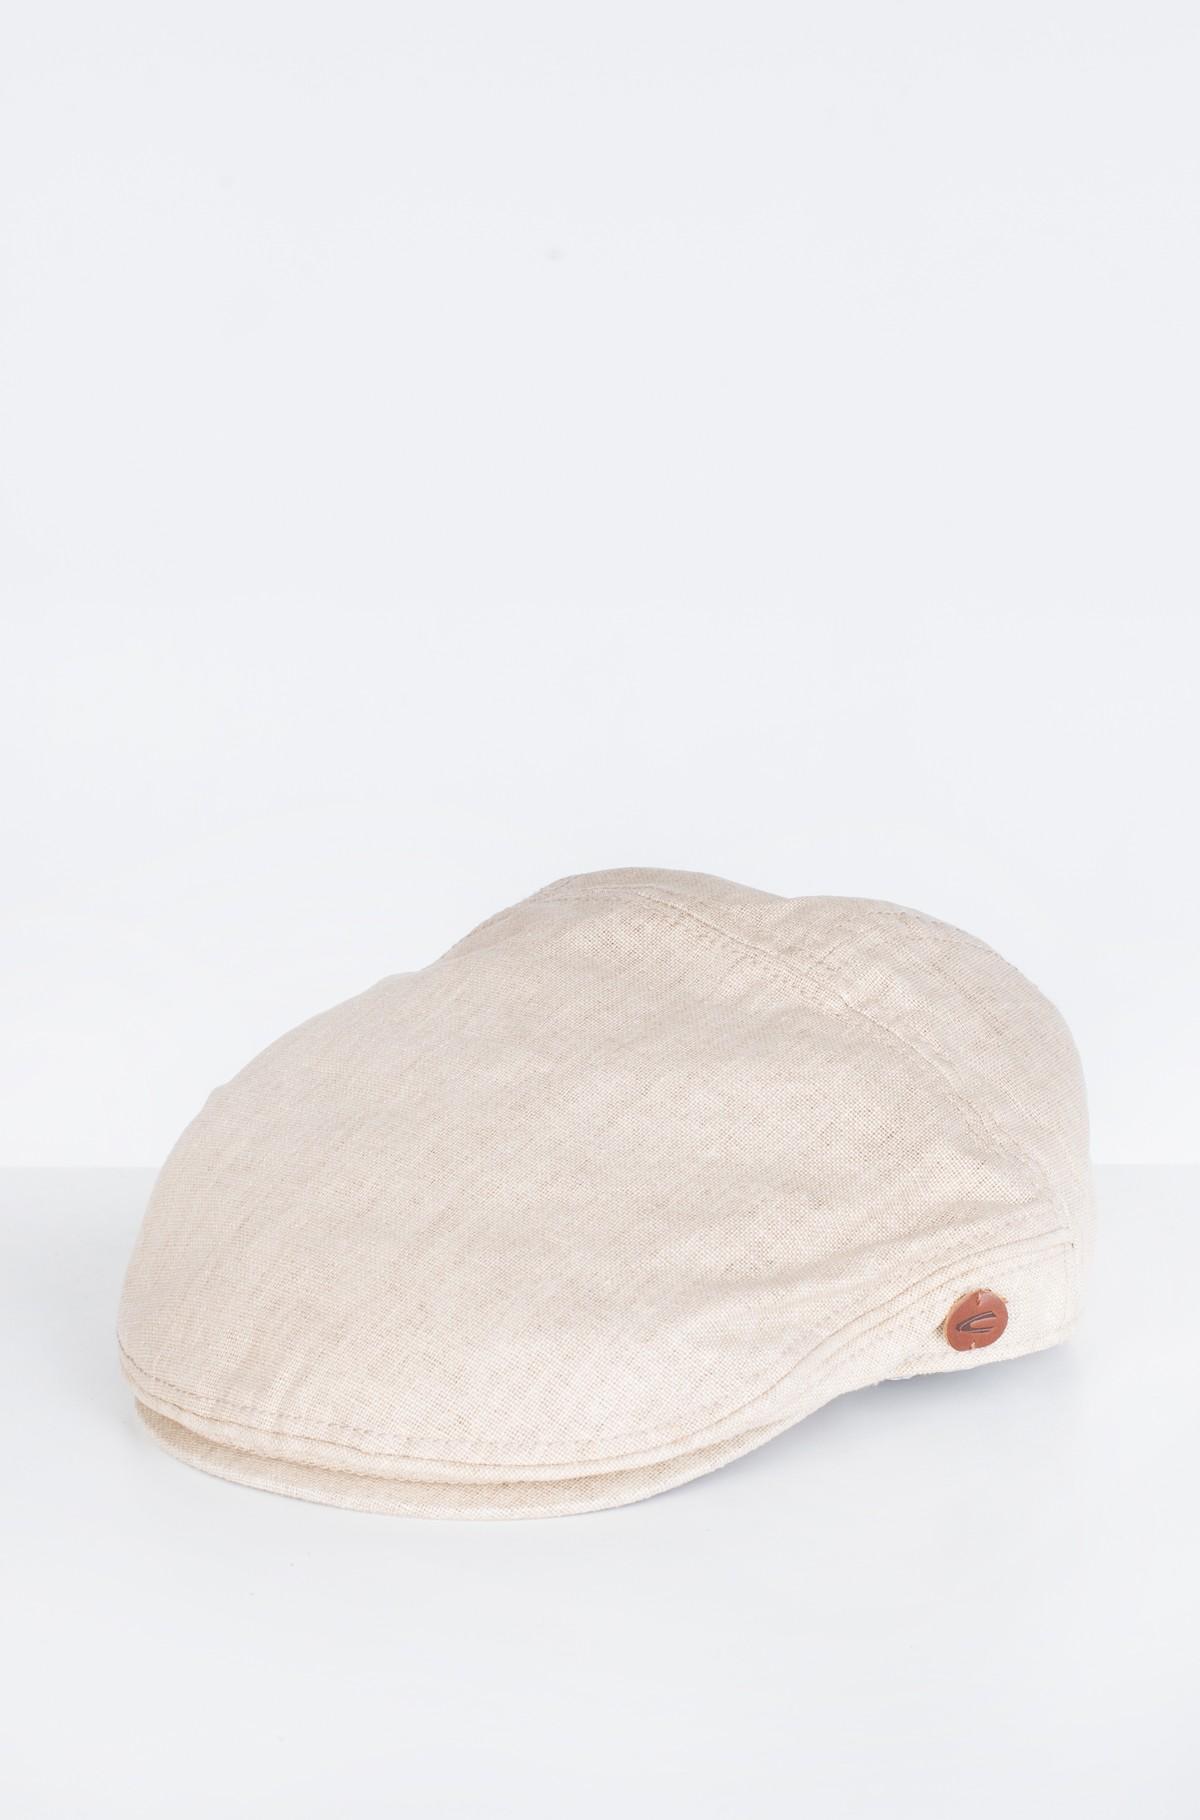 Tvido kepurė 406320/3C32-full-1